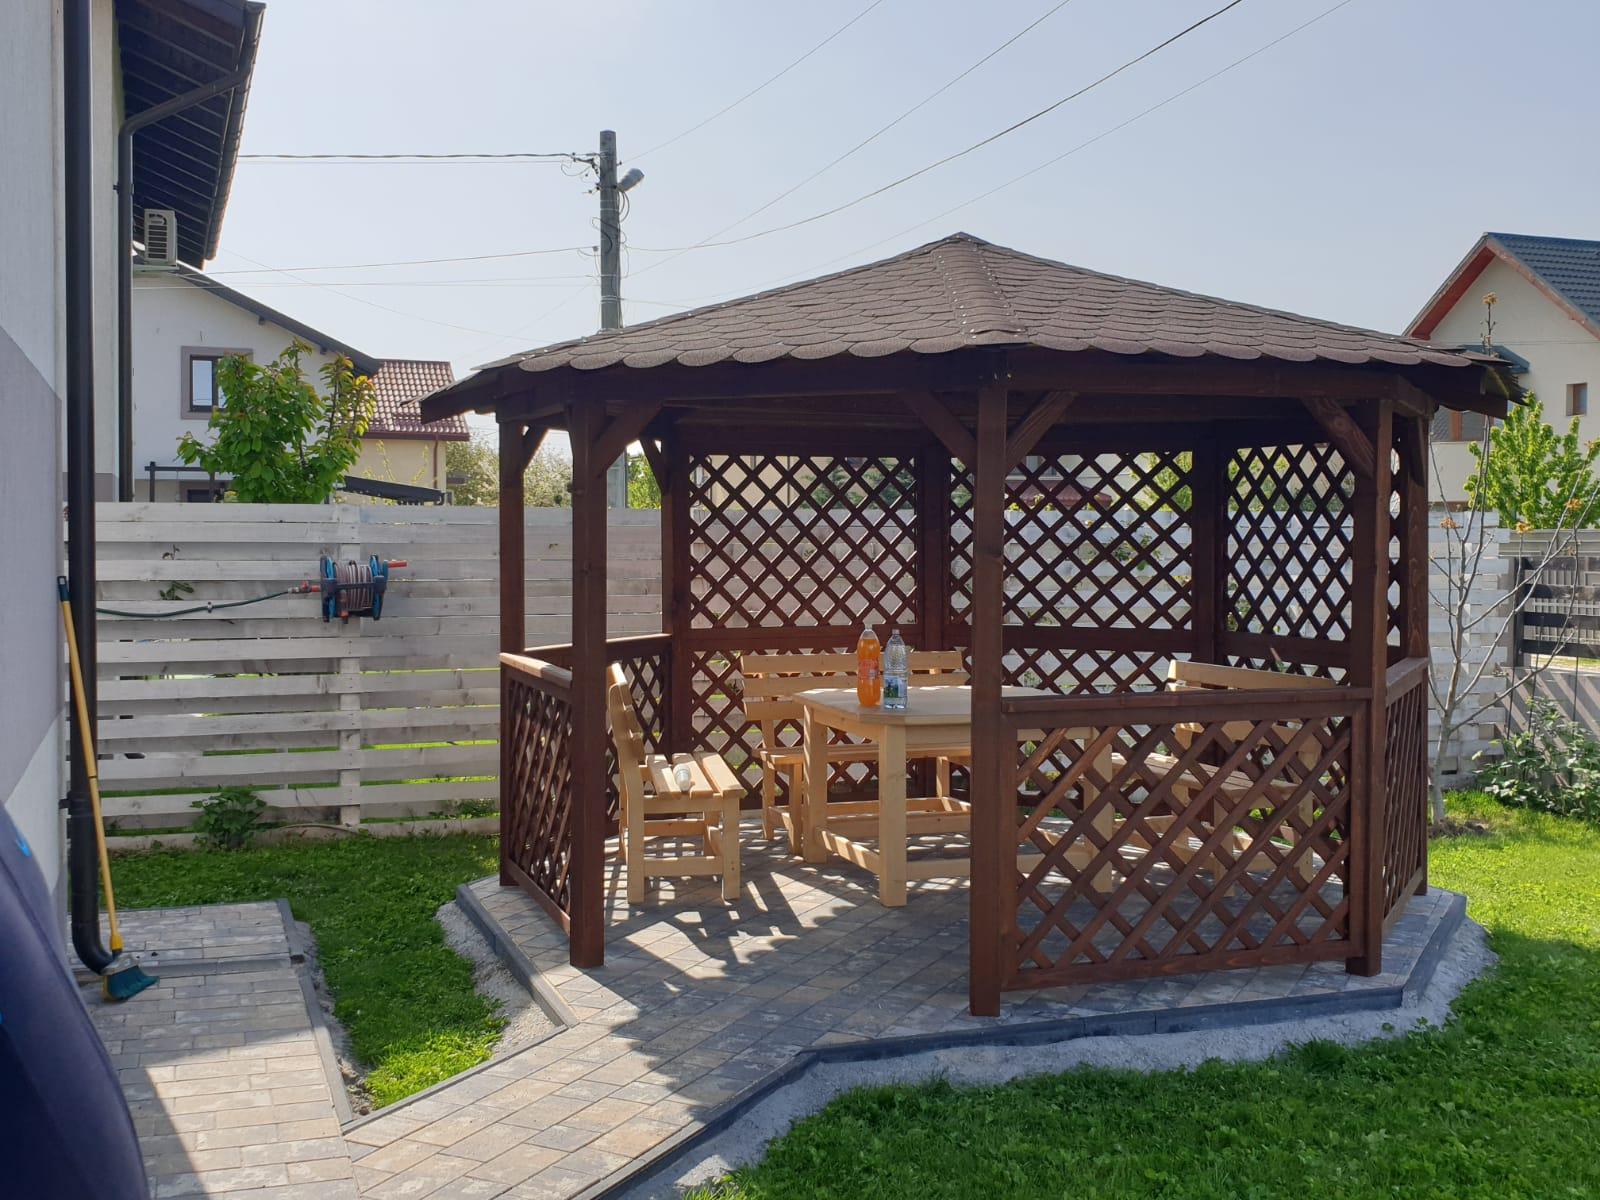 Foișor De Grădină 0006 Hexagonal Foisoare Garduri Terase Cabane Pergole